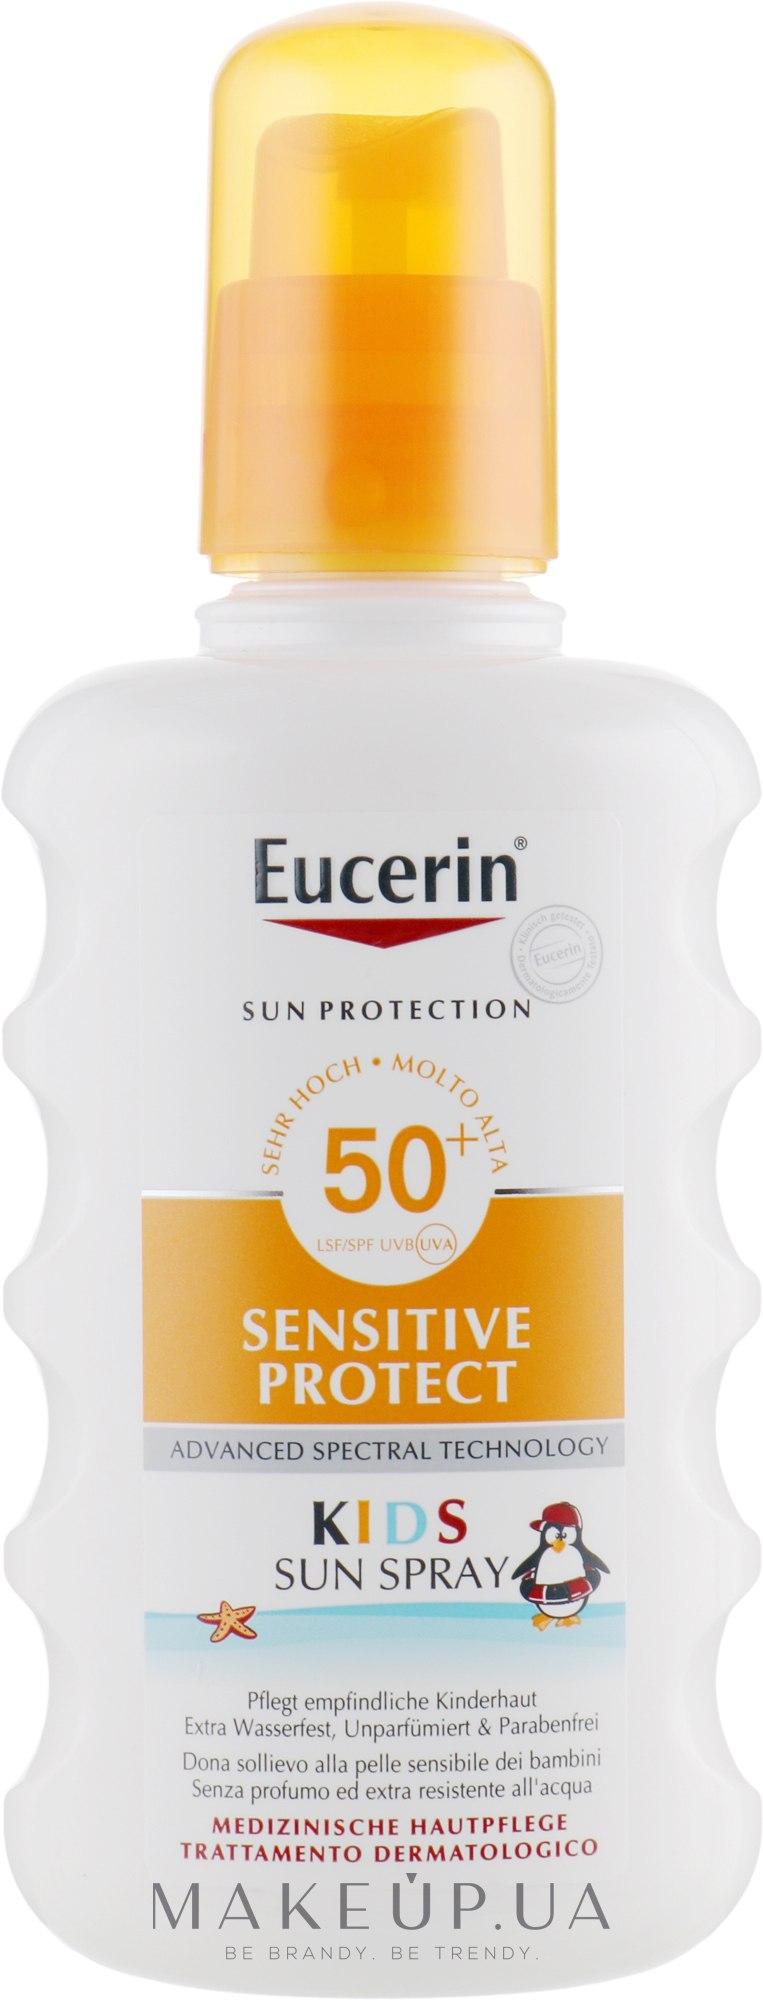 Солнцезащитный спрей для детей с фактором УФ-защиты SPF 50 - Eucerin Kids Sun Spray 50+ — фото 200ml